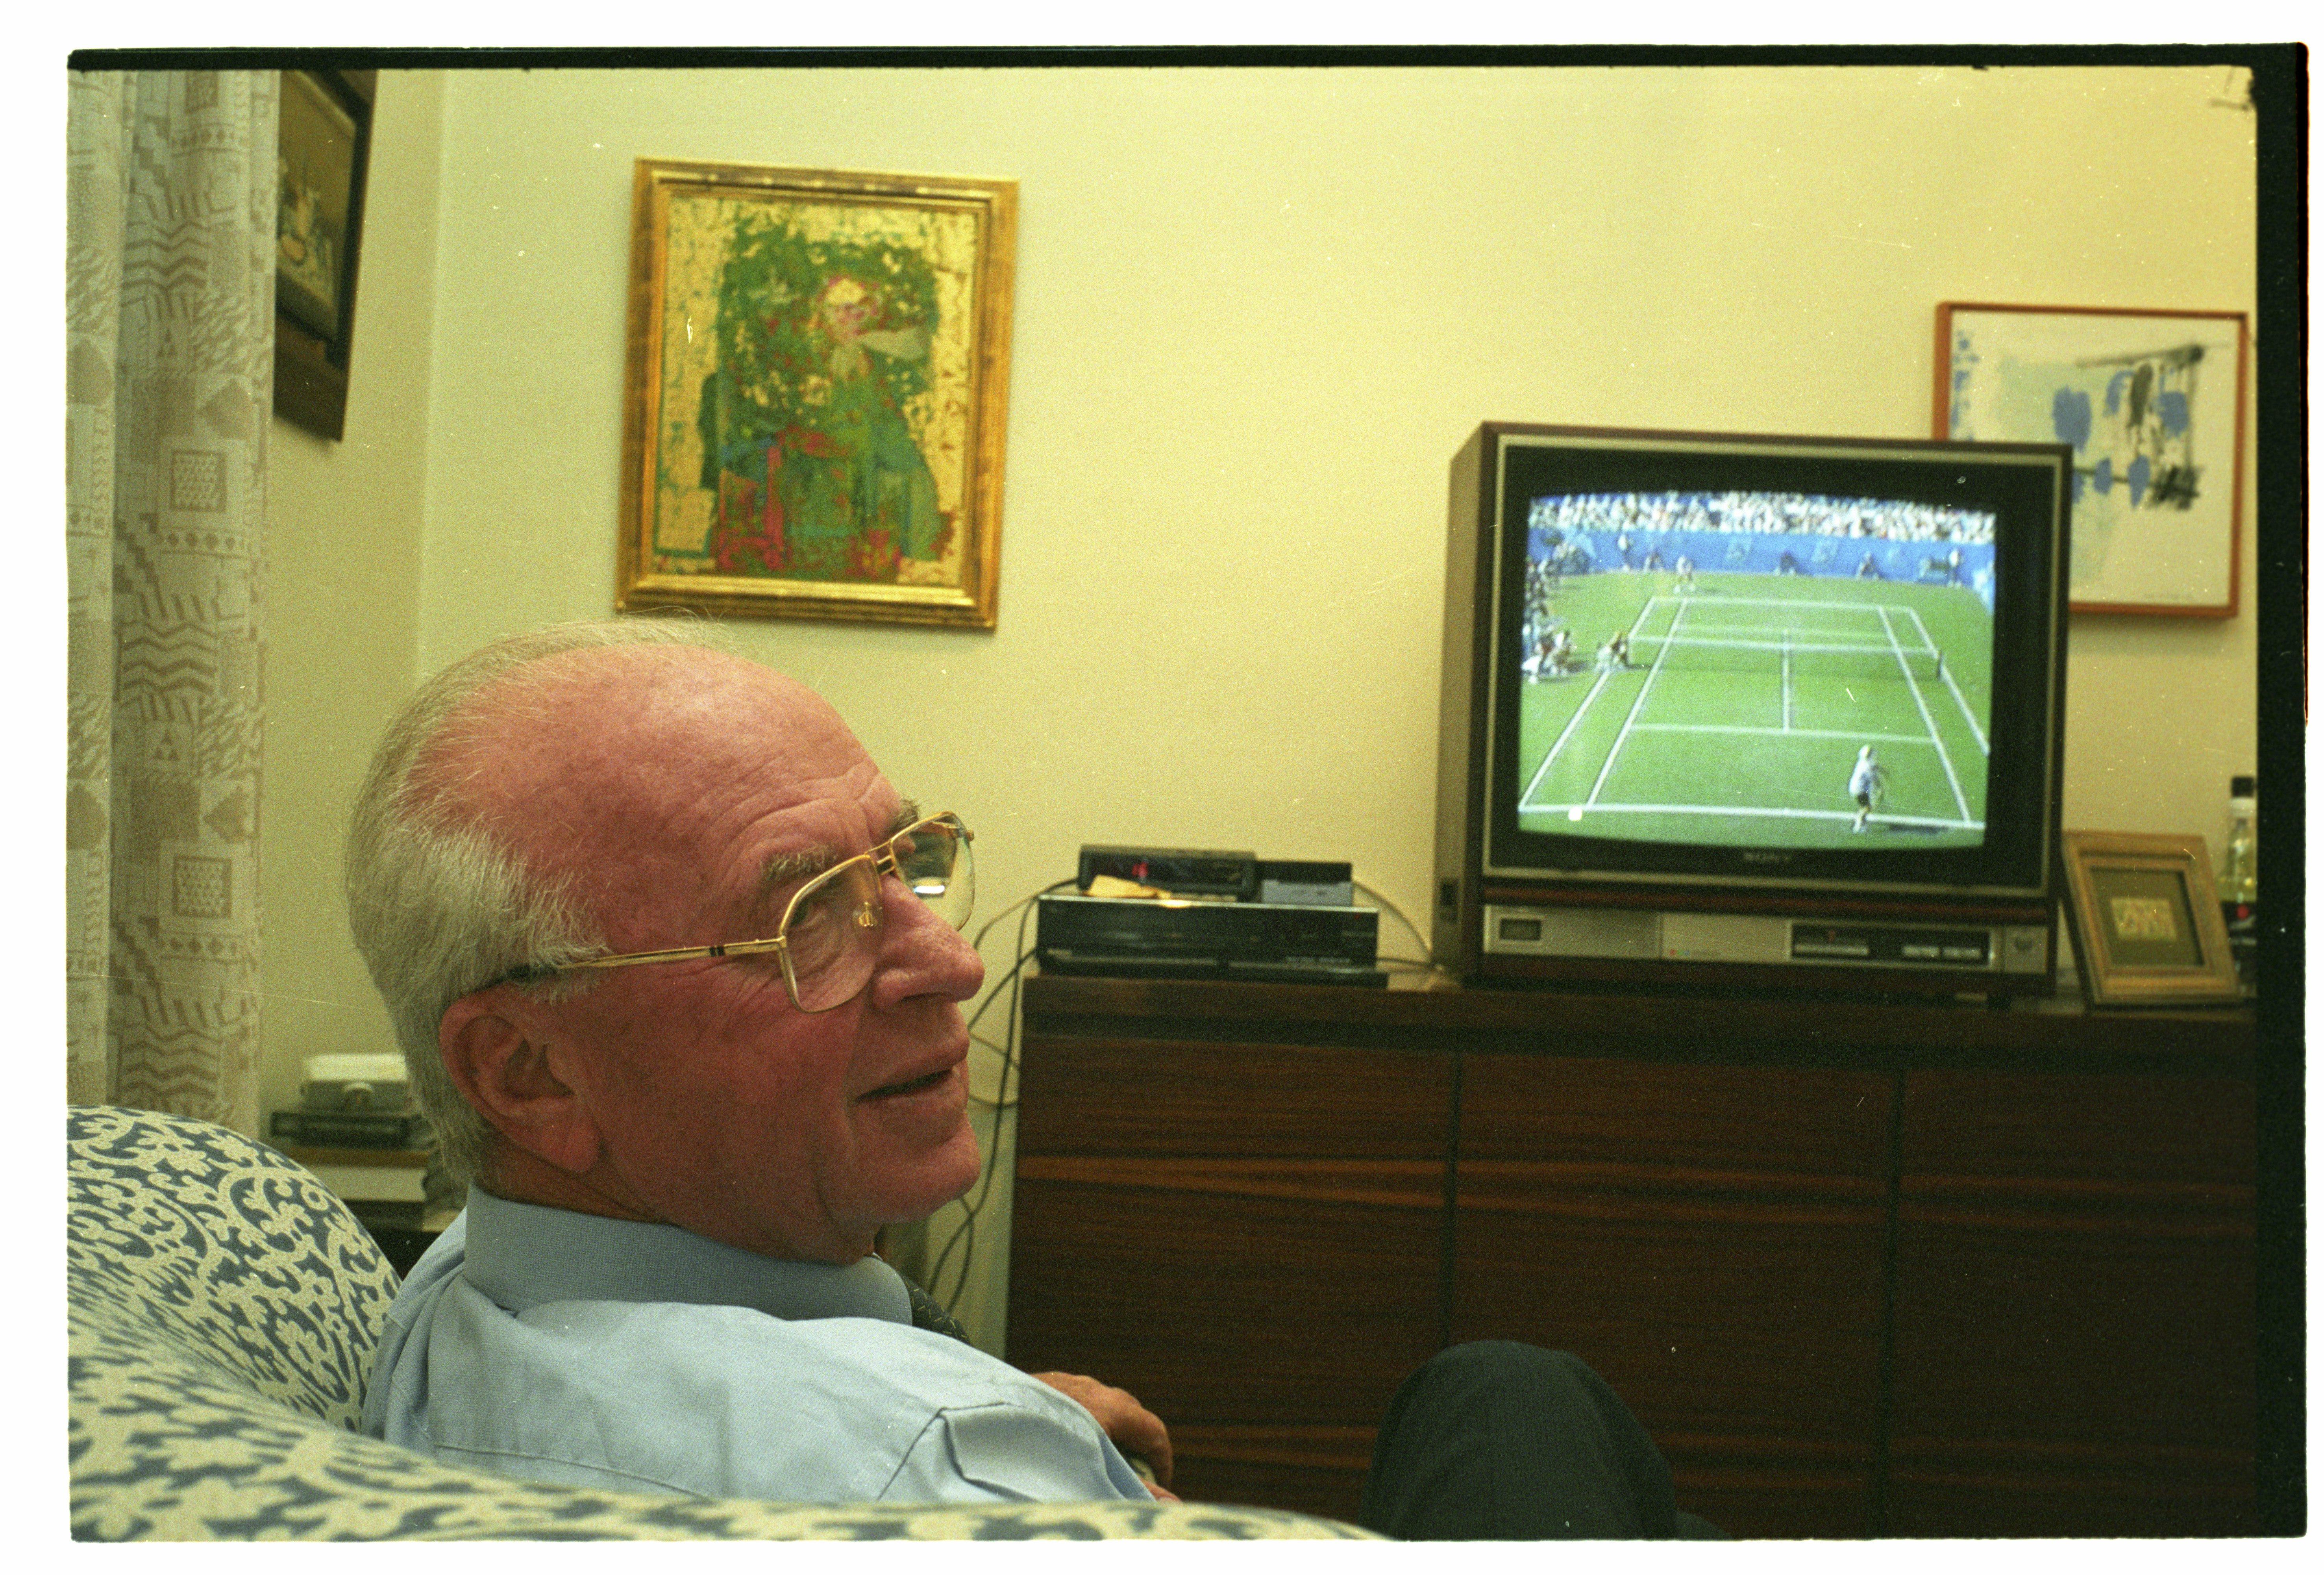 """יצחק רבין צופה במשחק טניס בביתו בת""""א"""